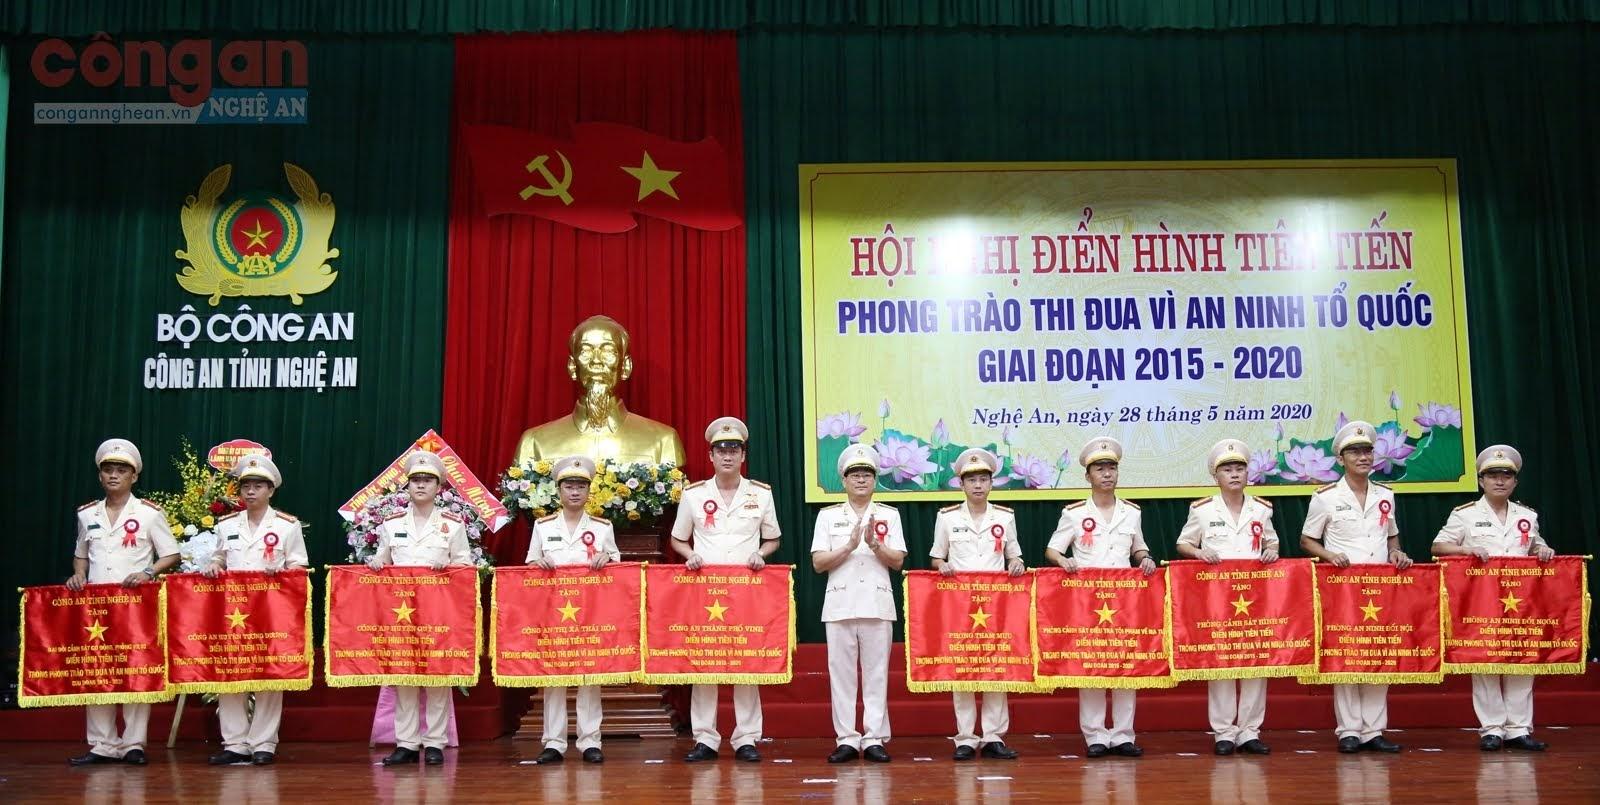 Đồng chí Thiếu tướng Nguyễn Hữu Cầu, Ủy viên BTV Tỉnh ủy, Giám đốc Công an tỉnh tặng Cờ cho 10 tập thể điển hình tiên tiến